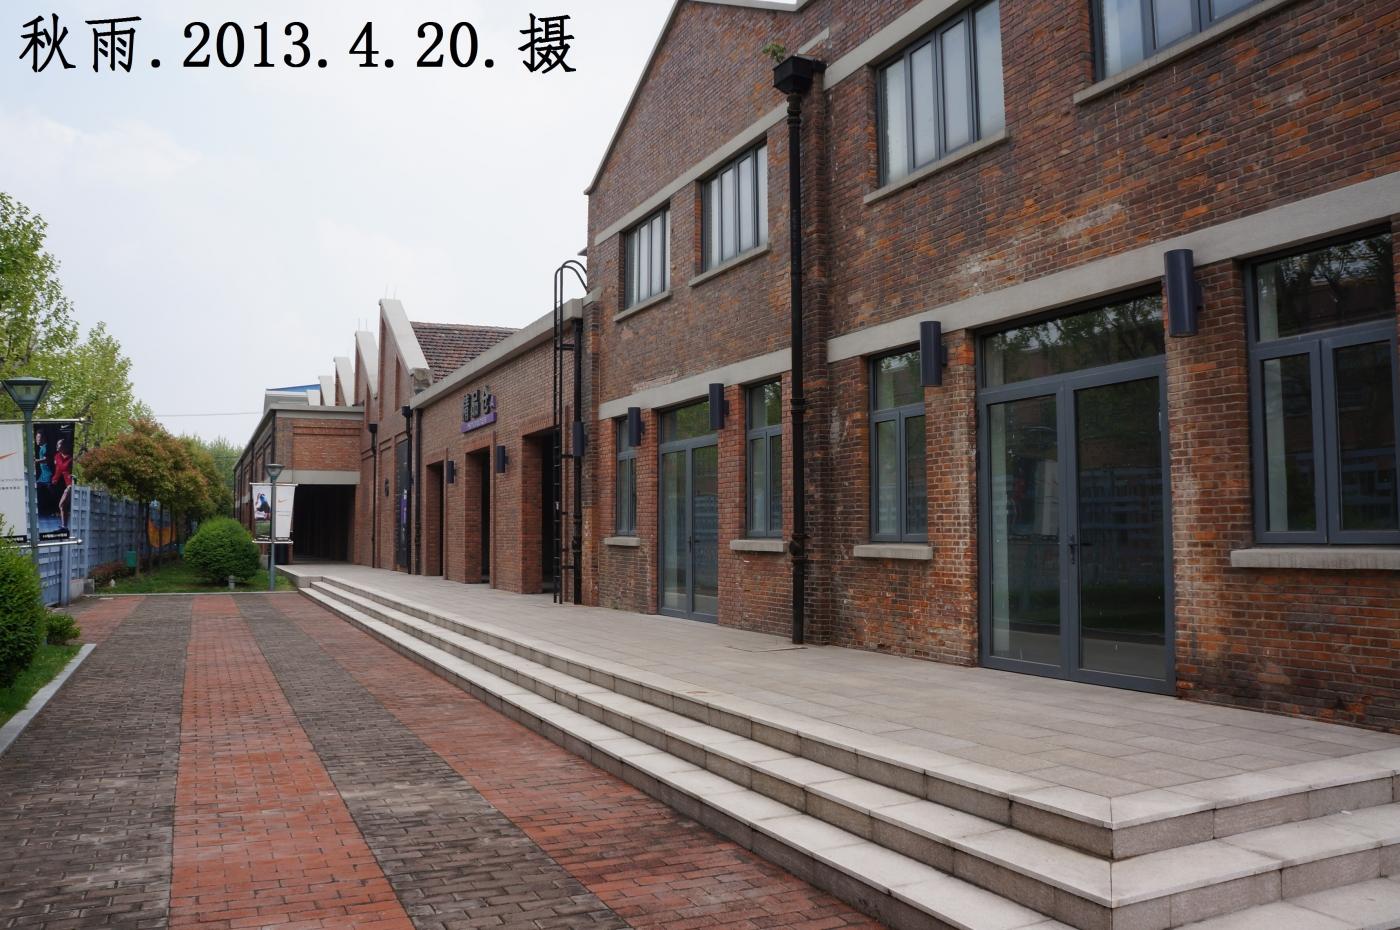 上海国际时尚中心,原国棉十七厂旧址(1),修旧如旧。摄影原创。 ..._图1-18